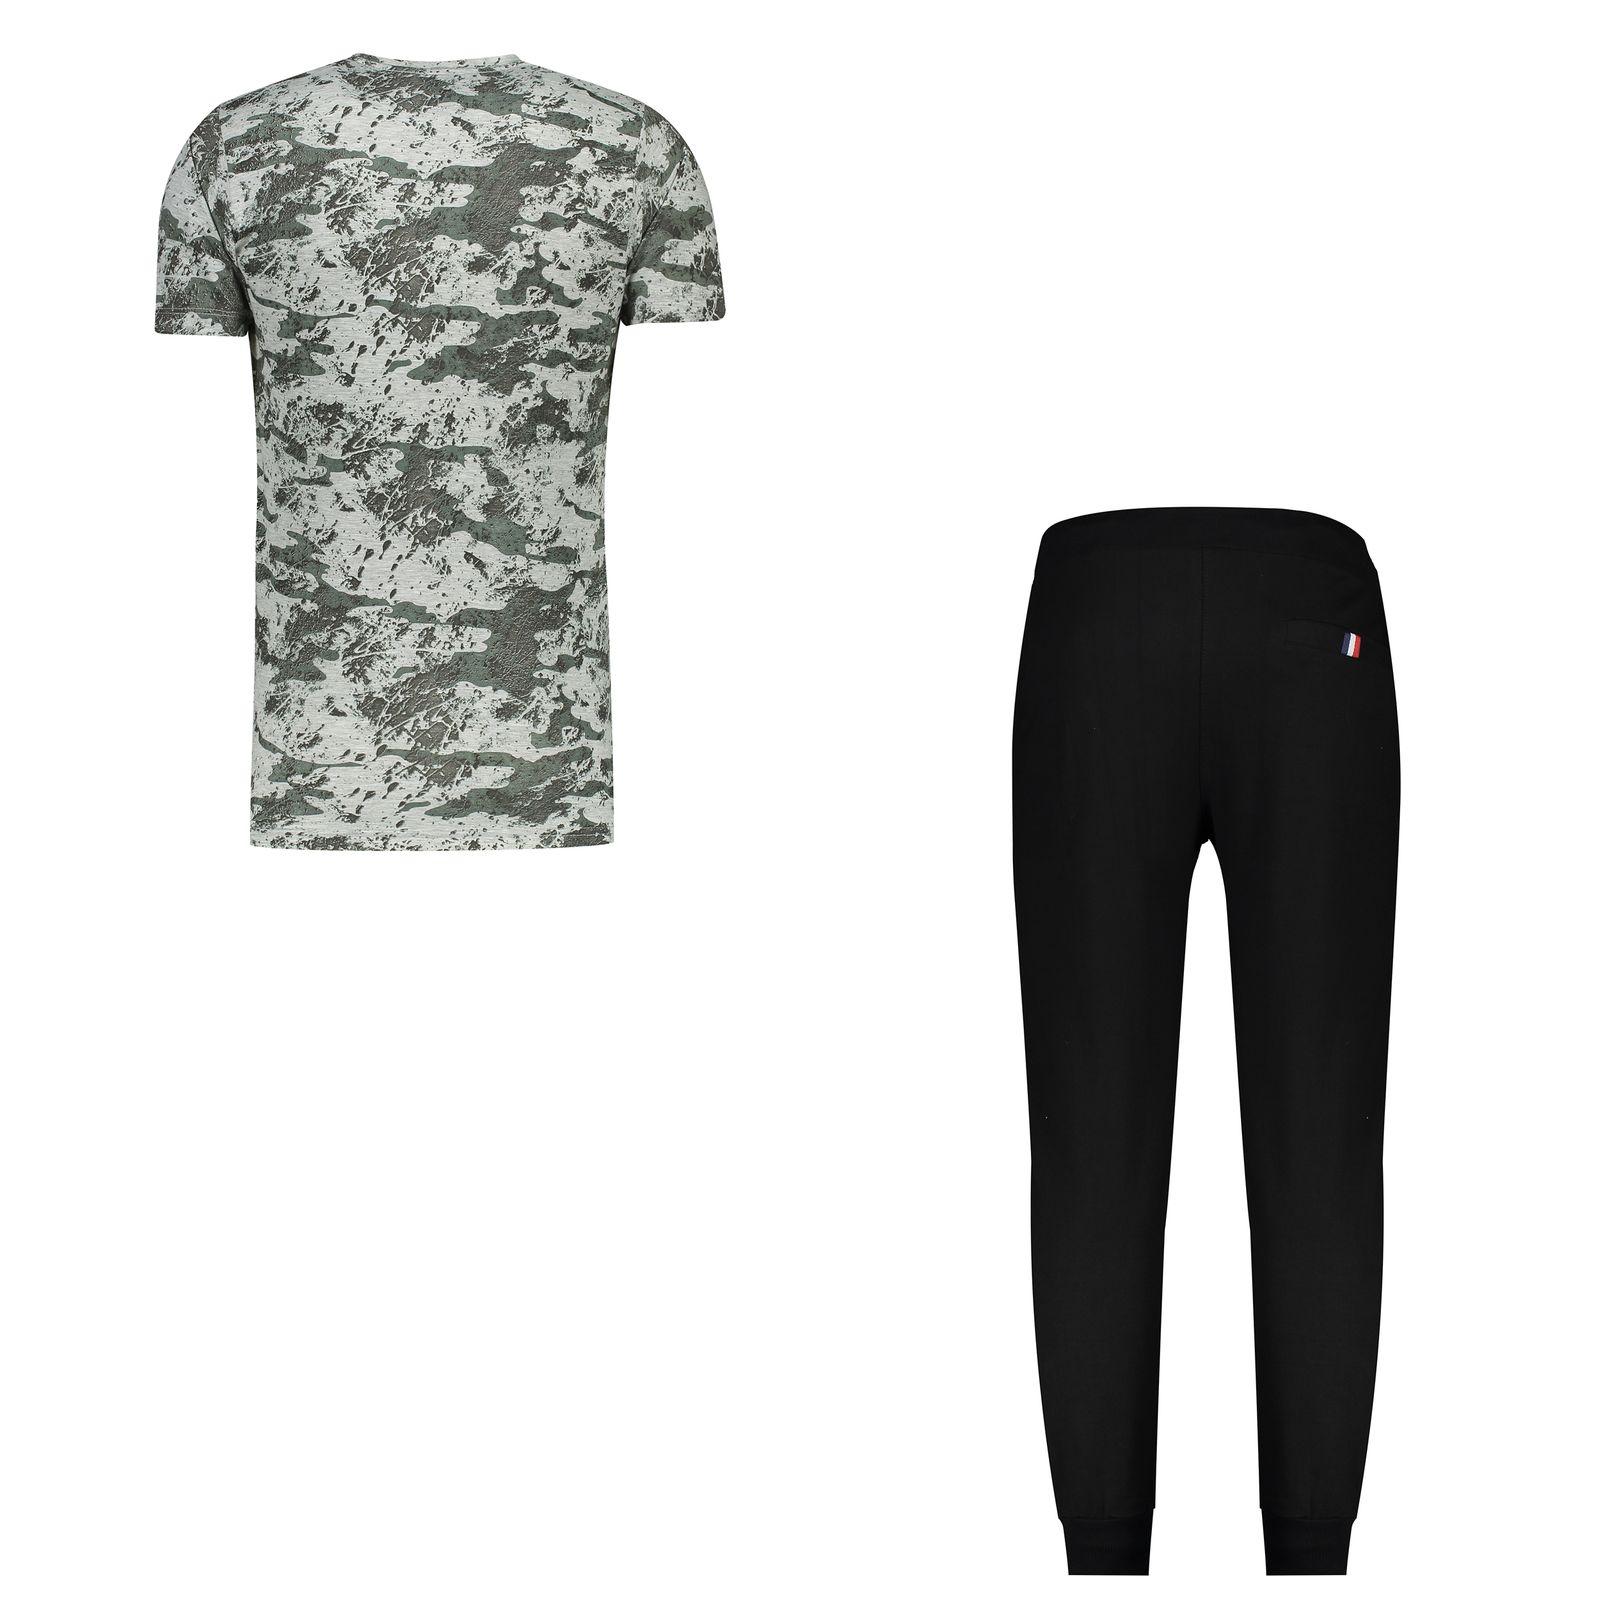 ست تی شرت و شلوار مردانه کد 111213-3 -  - 3